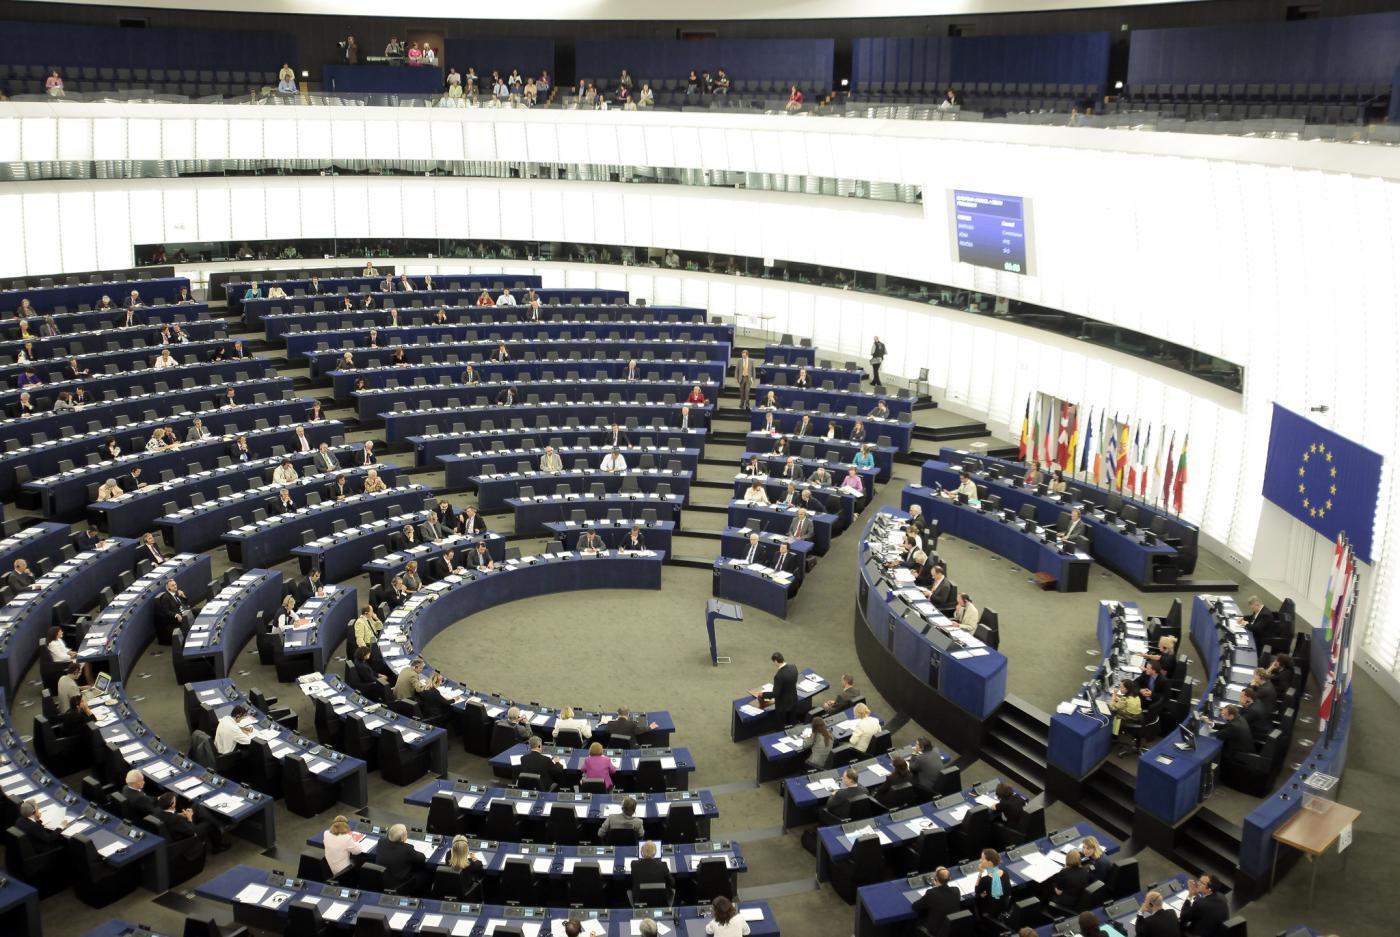 Elezioni Europee 2014: informazioni e curiosità sul Parlamento Europeo